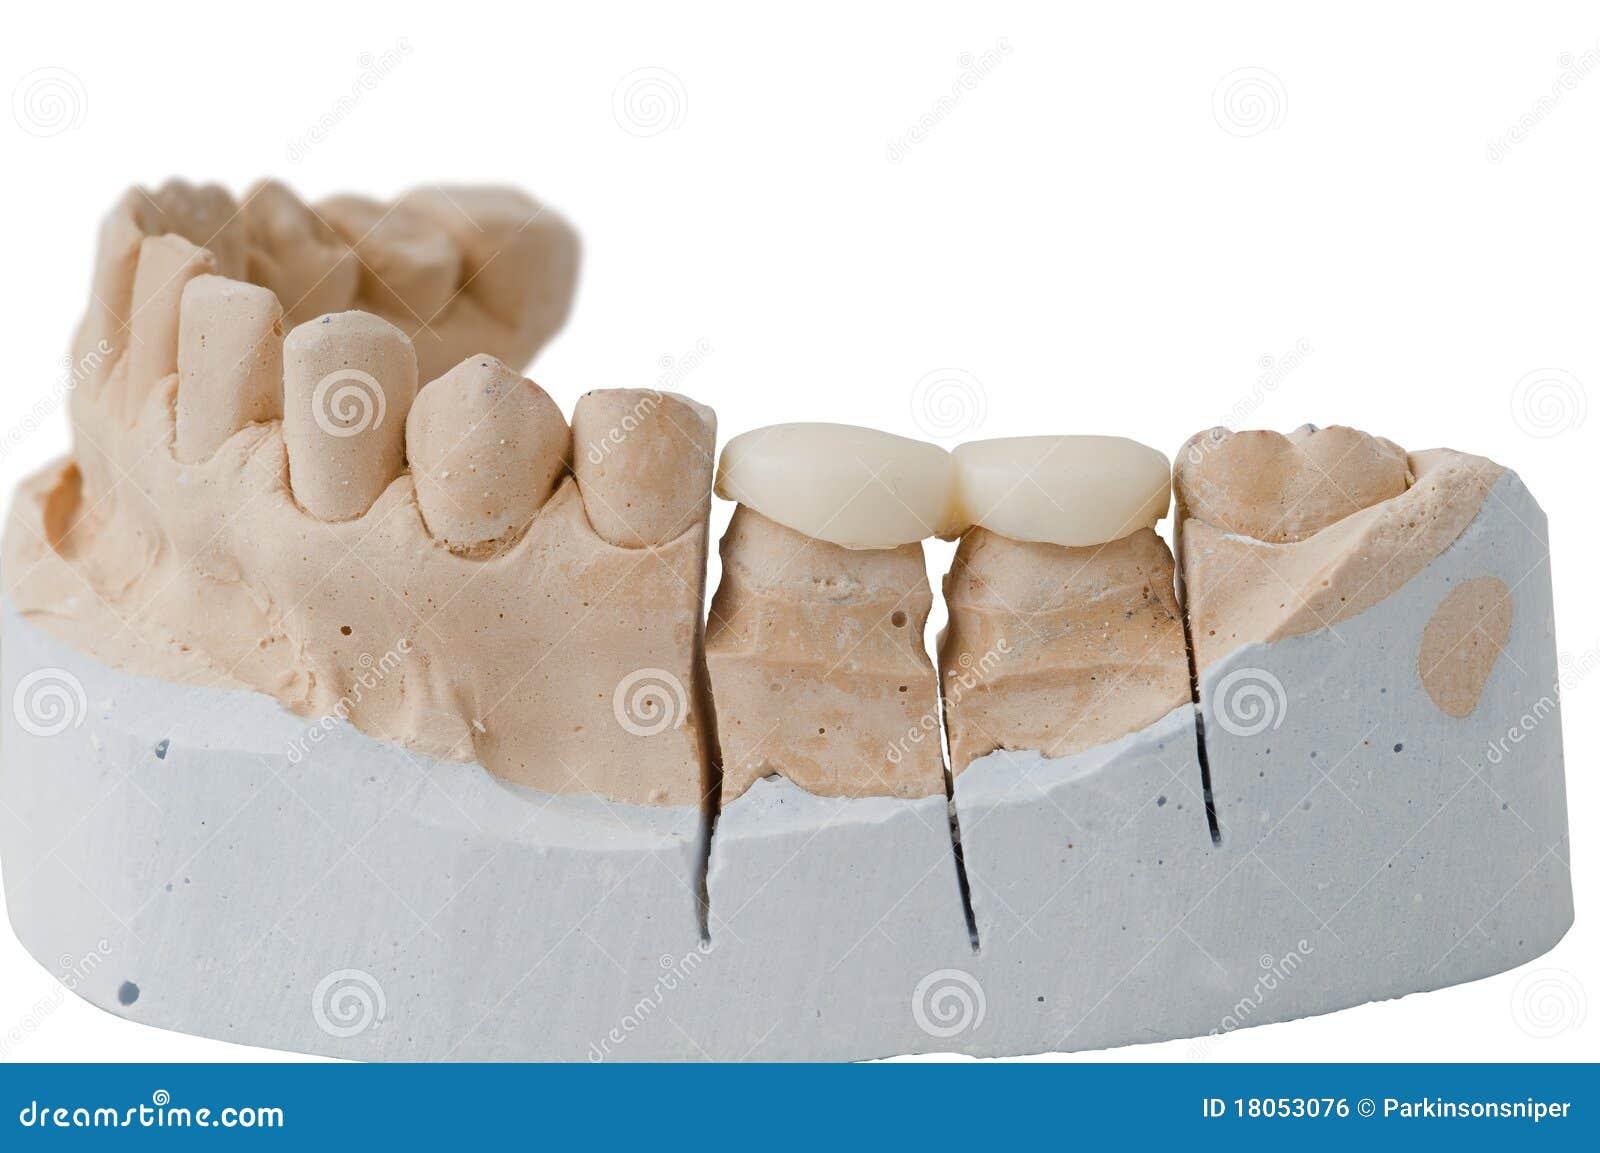 Prothèse dentaire - remplissant